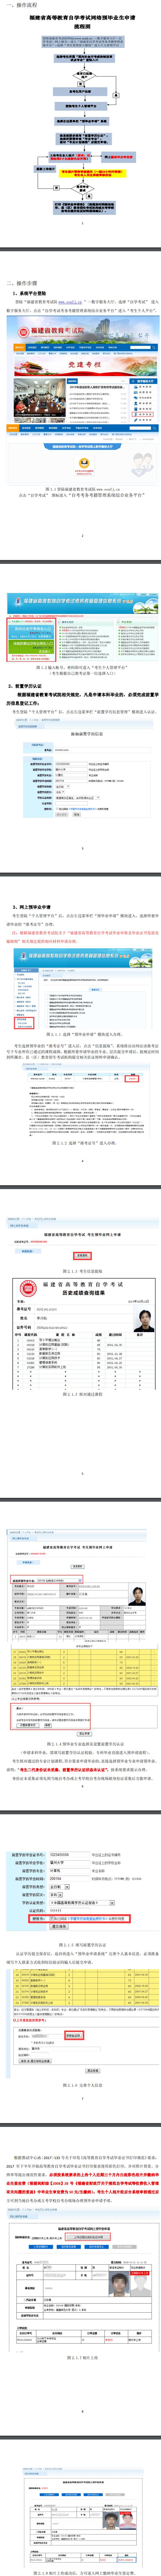 2021年福建省高等教育自学考试考生网络预申请毕业操作手册